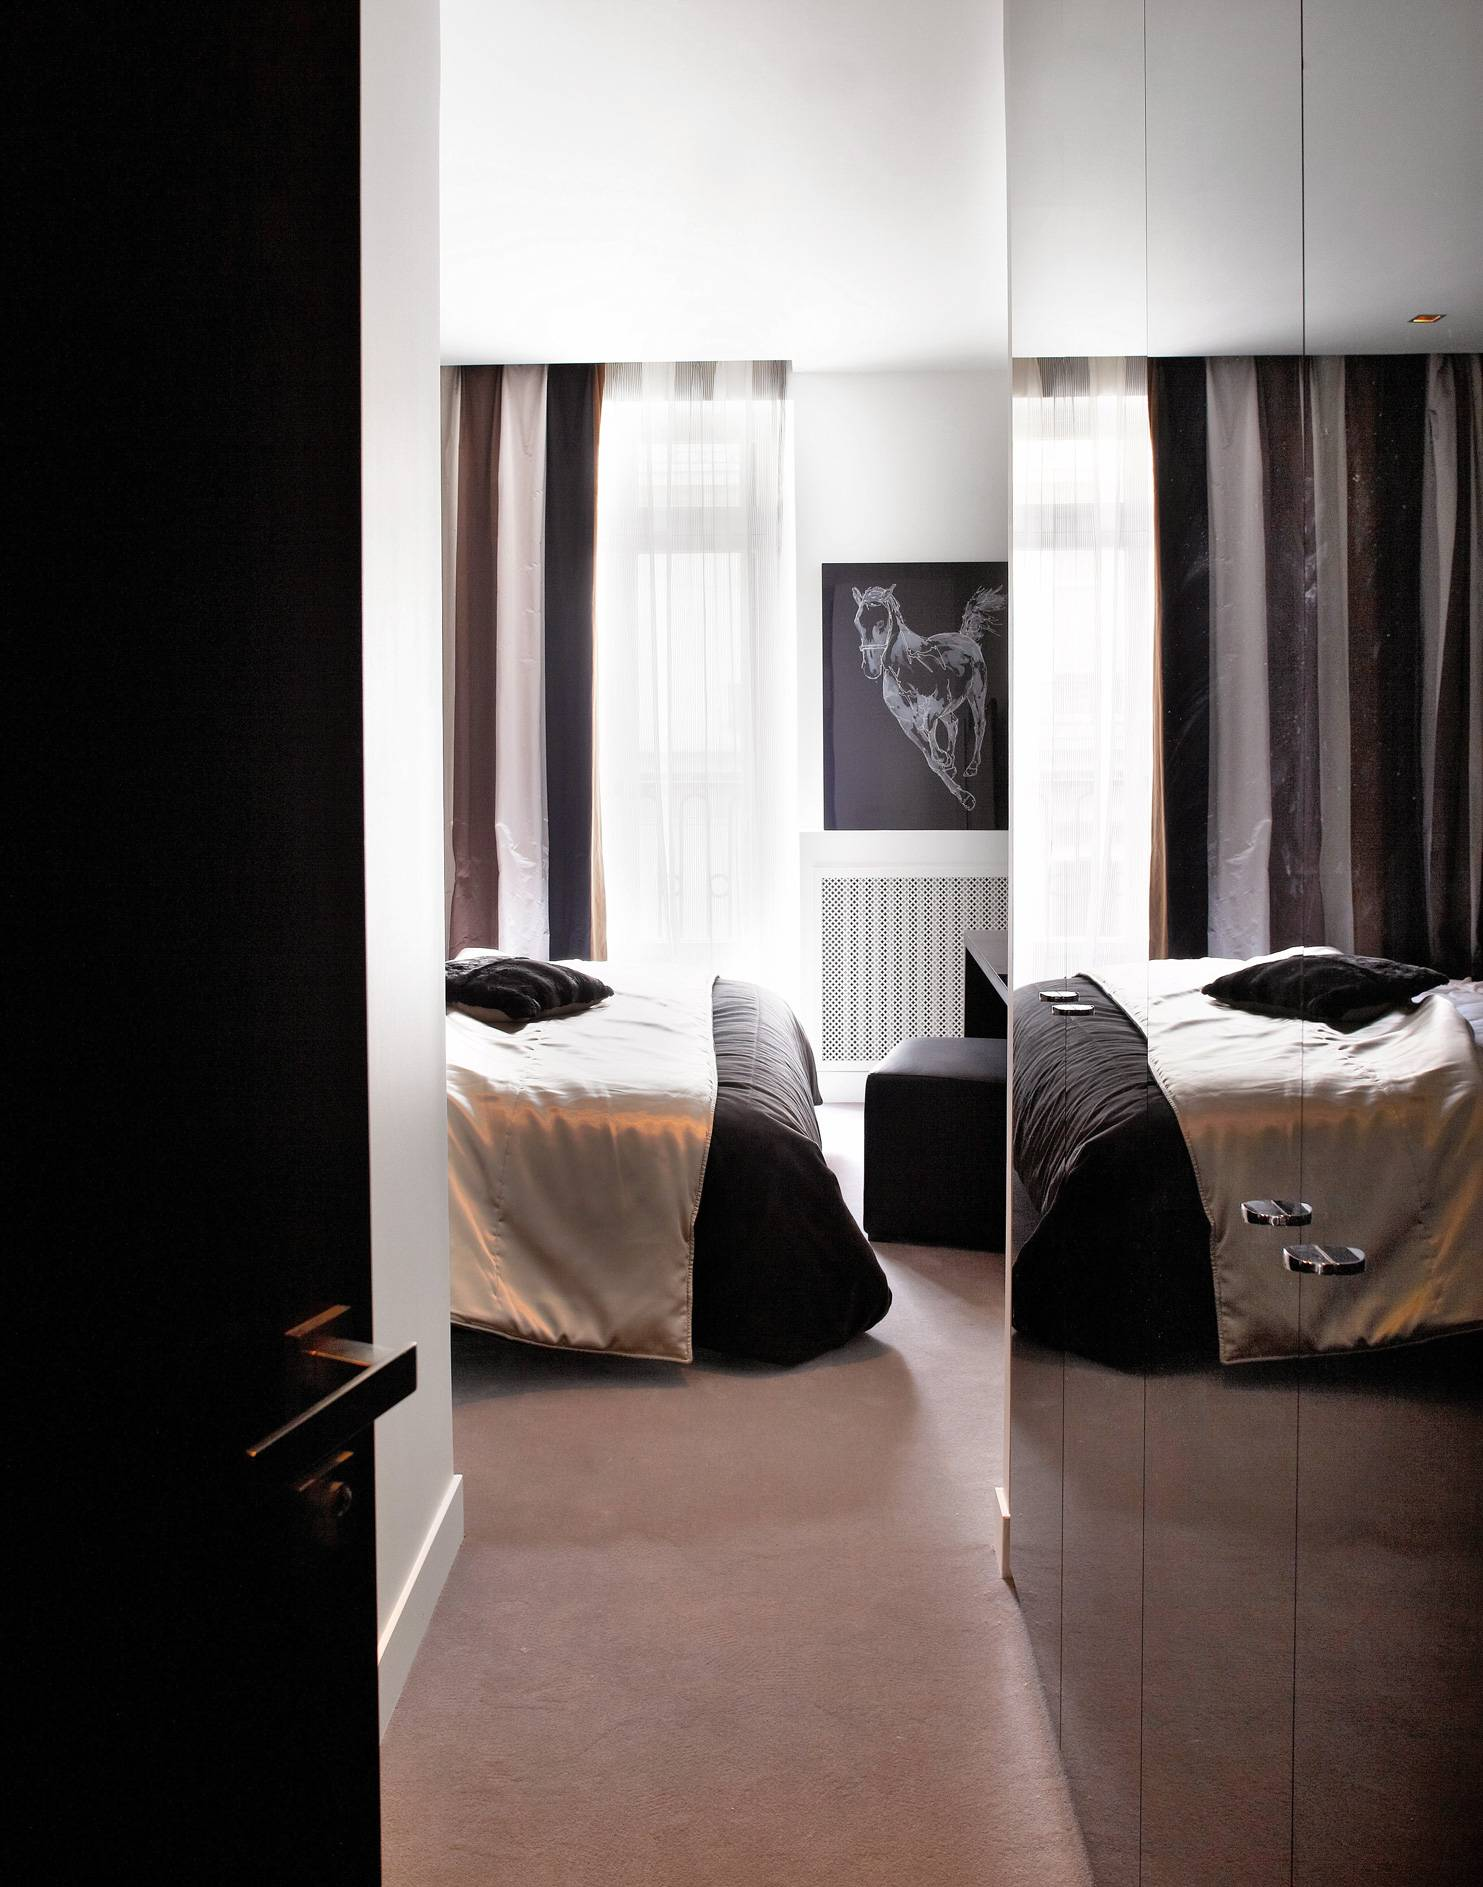 Dans une suite parentale, ambiance moirée reflétée par les portes du placard sur-mesure Quadro, couvre-lit Elitis ; pouf carré Marina Sièges, rideaux et coussins  de (Designers Guild), tapis Bomat.